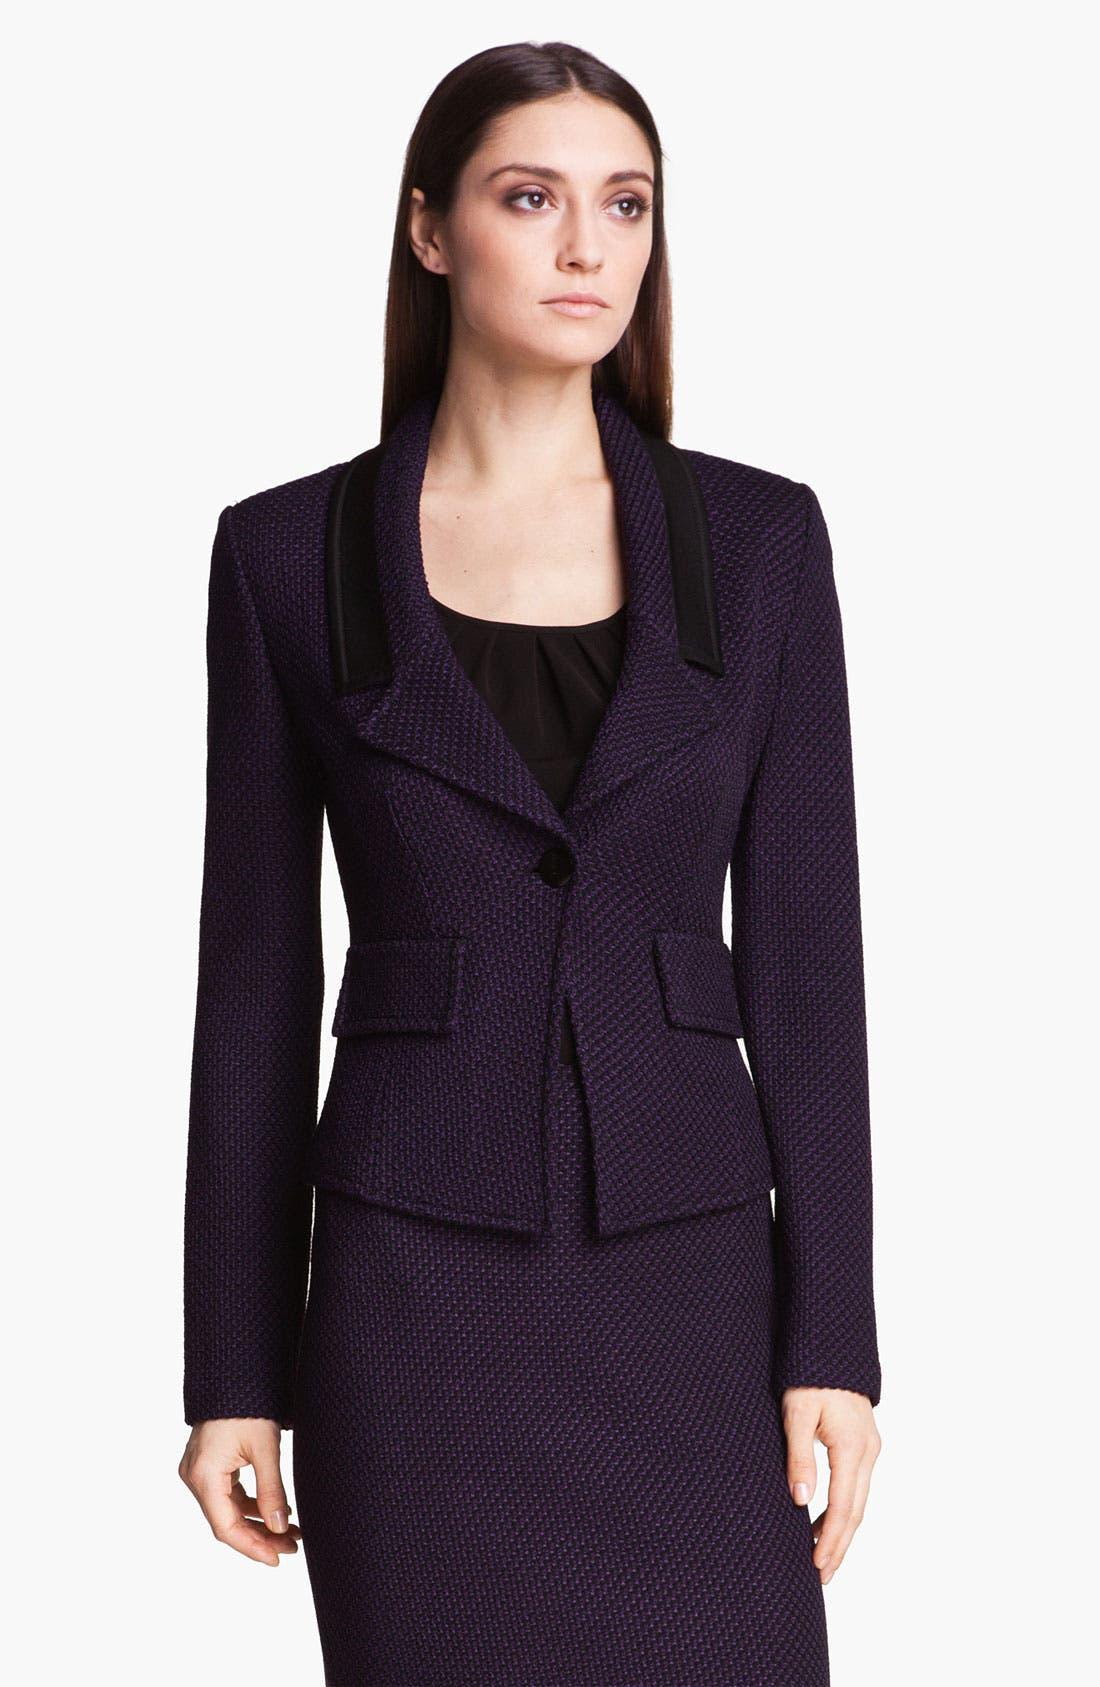 Main Image - St. John Collection 'Waldorf' Tweed Jacket